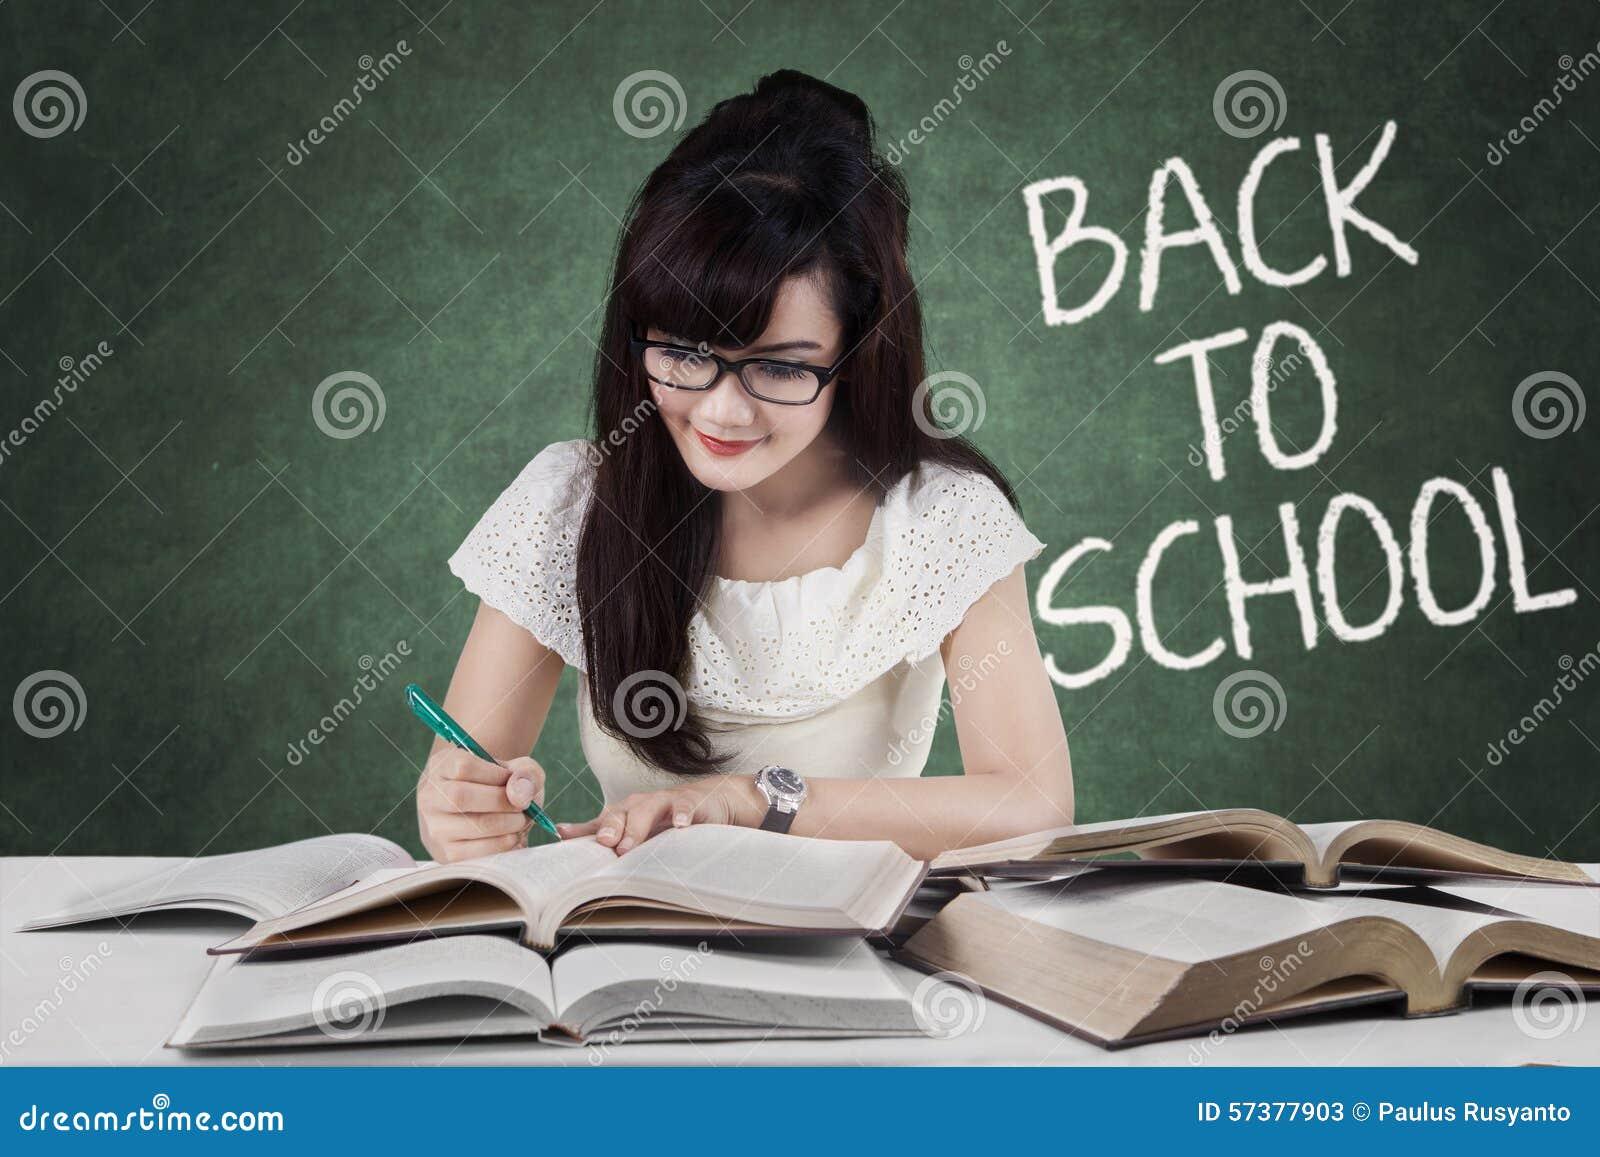 De slimme student terug naar school schrijft op de boeken